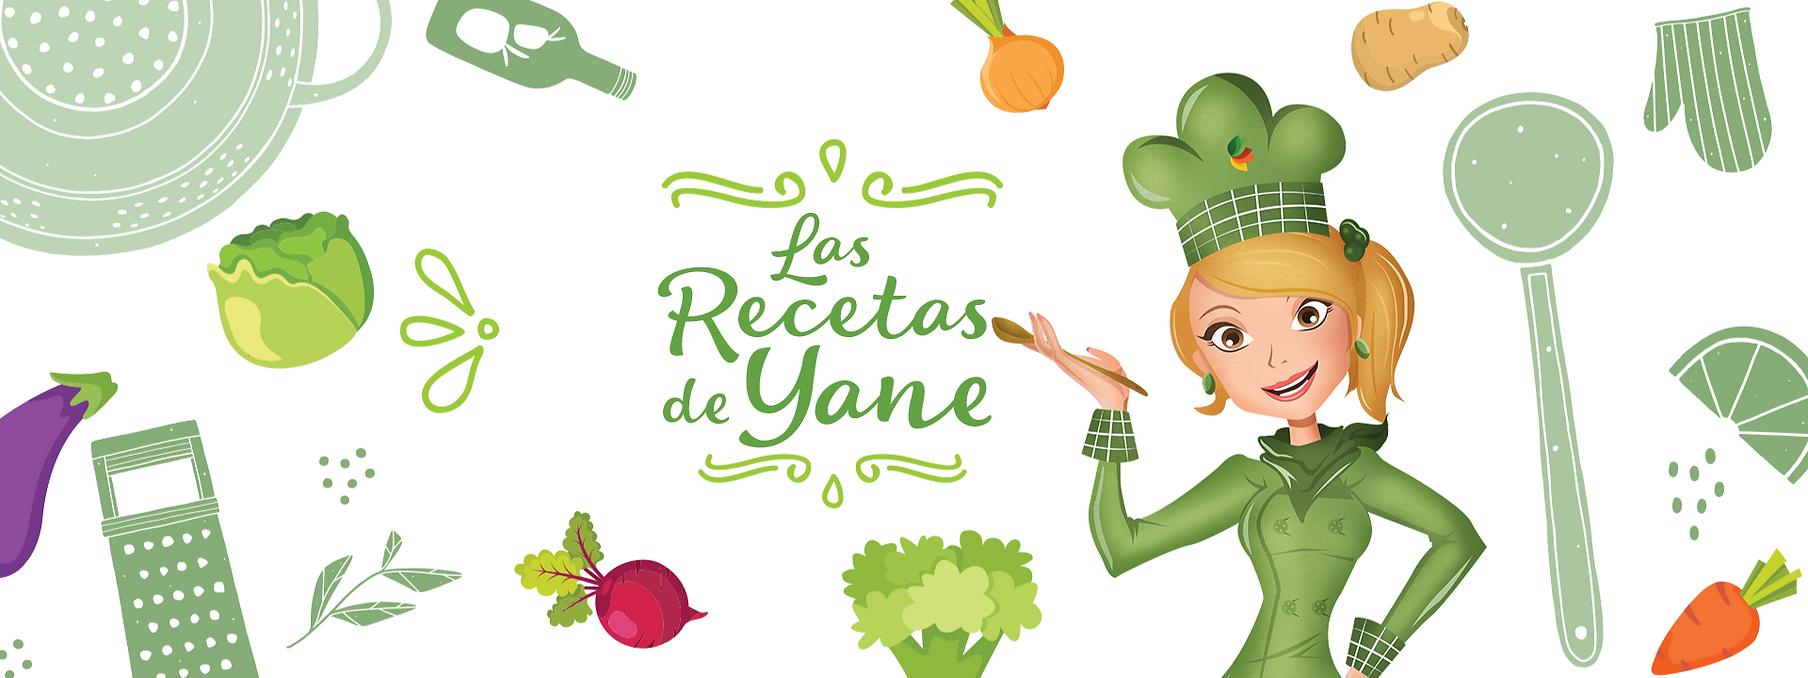 Recetas banner.png